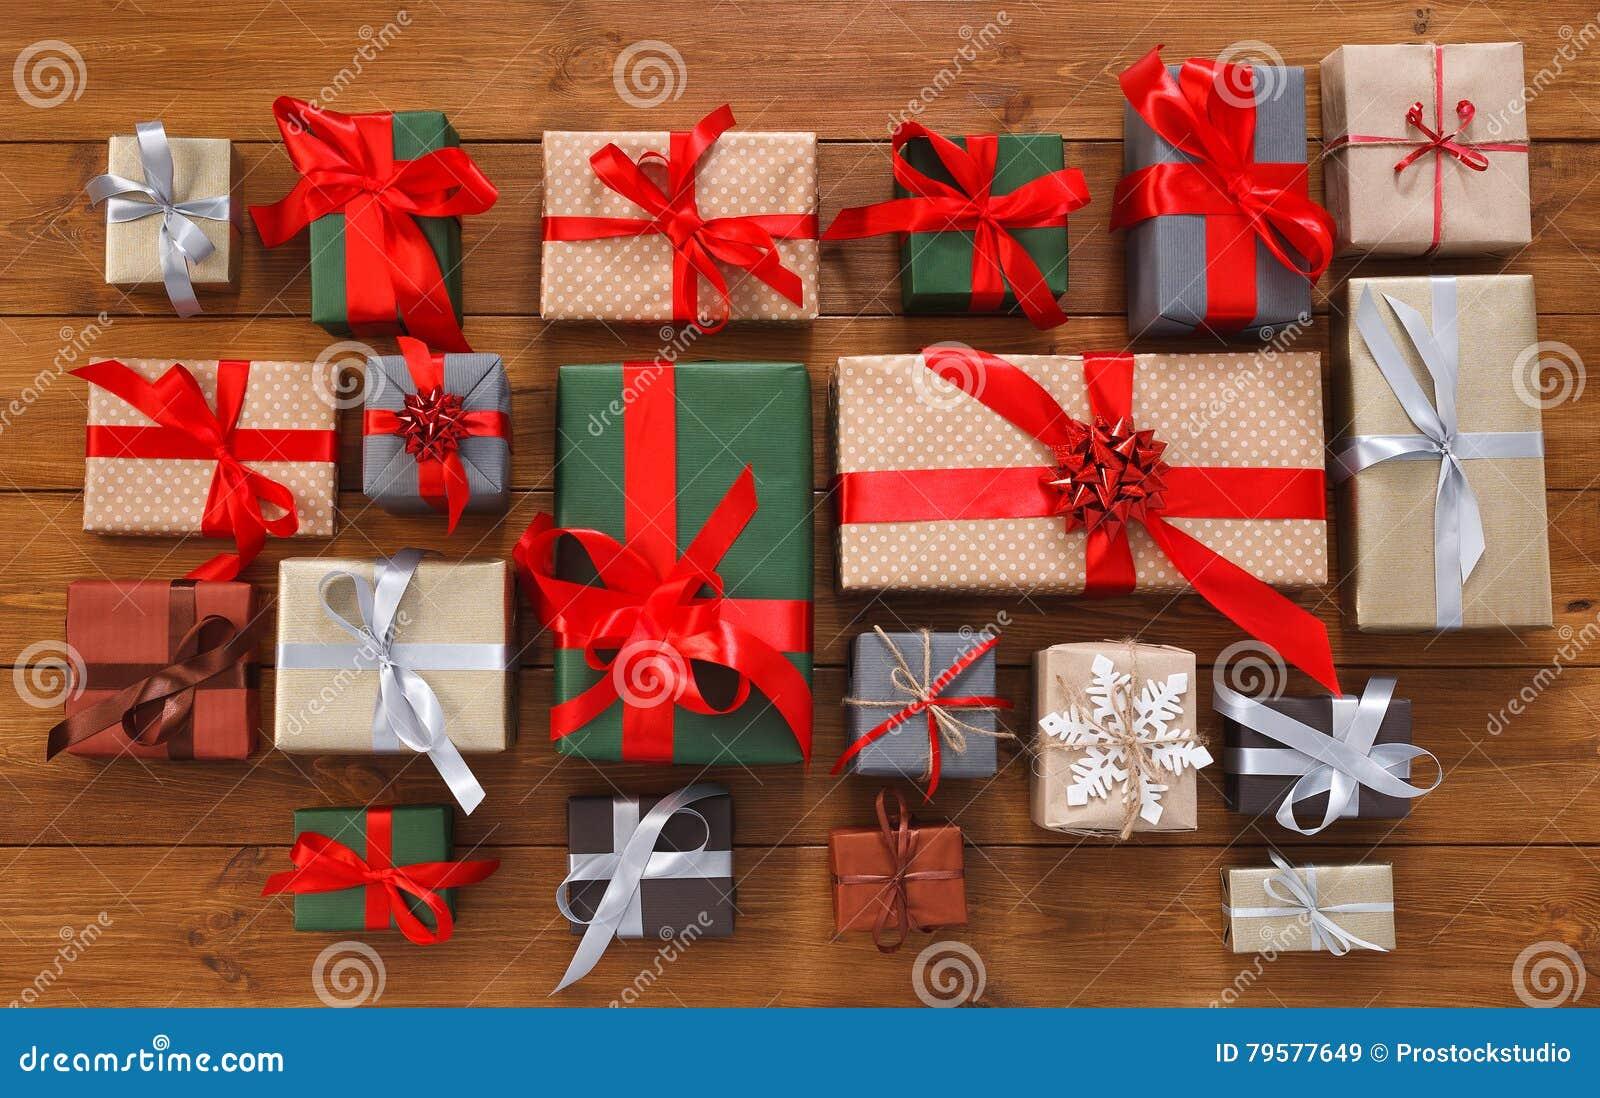 Viele Geschenkboxen Auf Holz, Weihnachtsgeschenke Im Papier ...